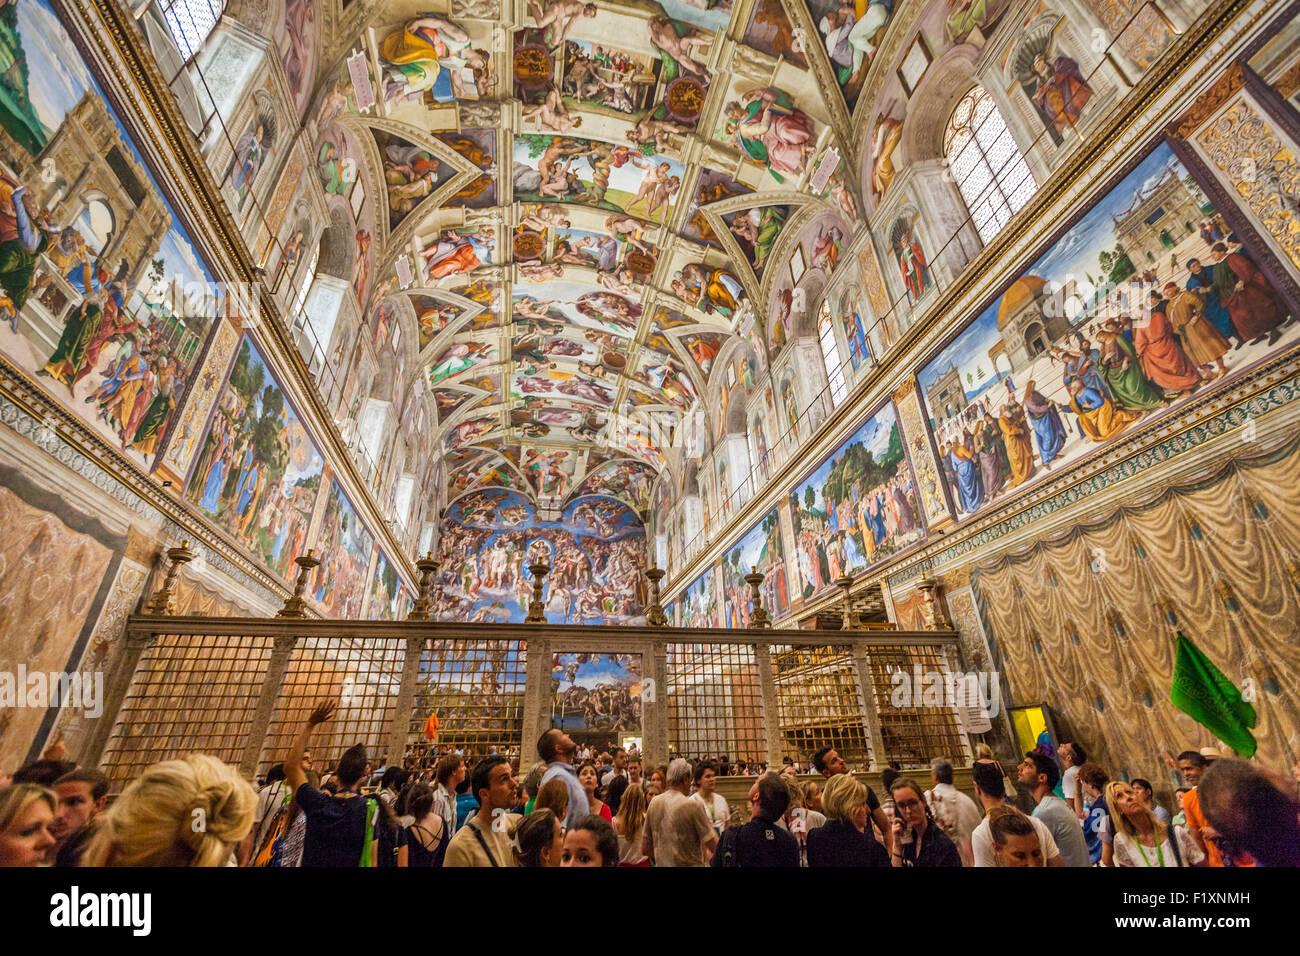 Palazzo Visitatori Nella Del Apostolico Cappella Sistina Turisti E F3Jc1TlK